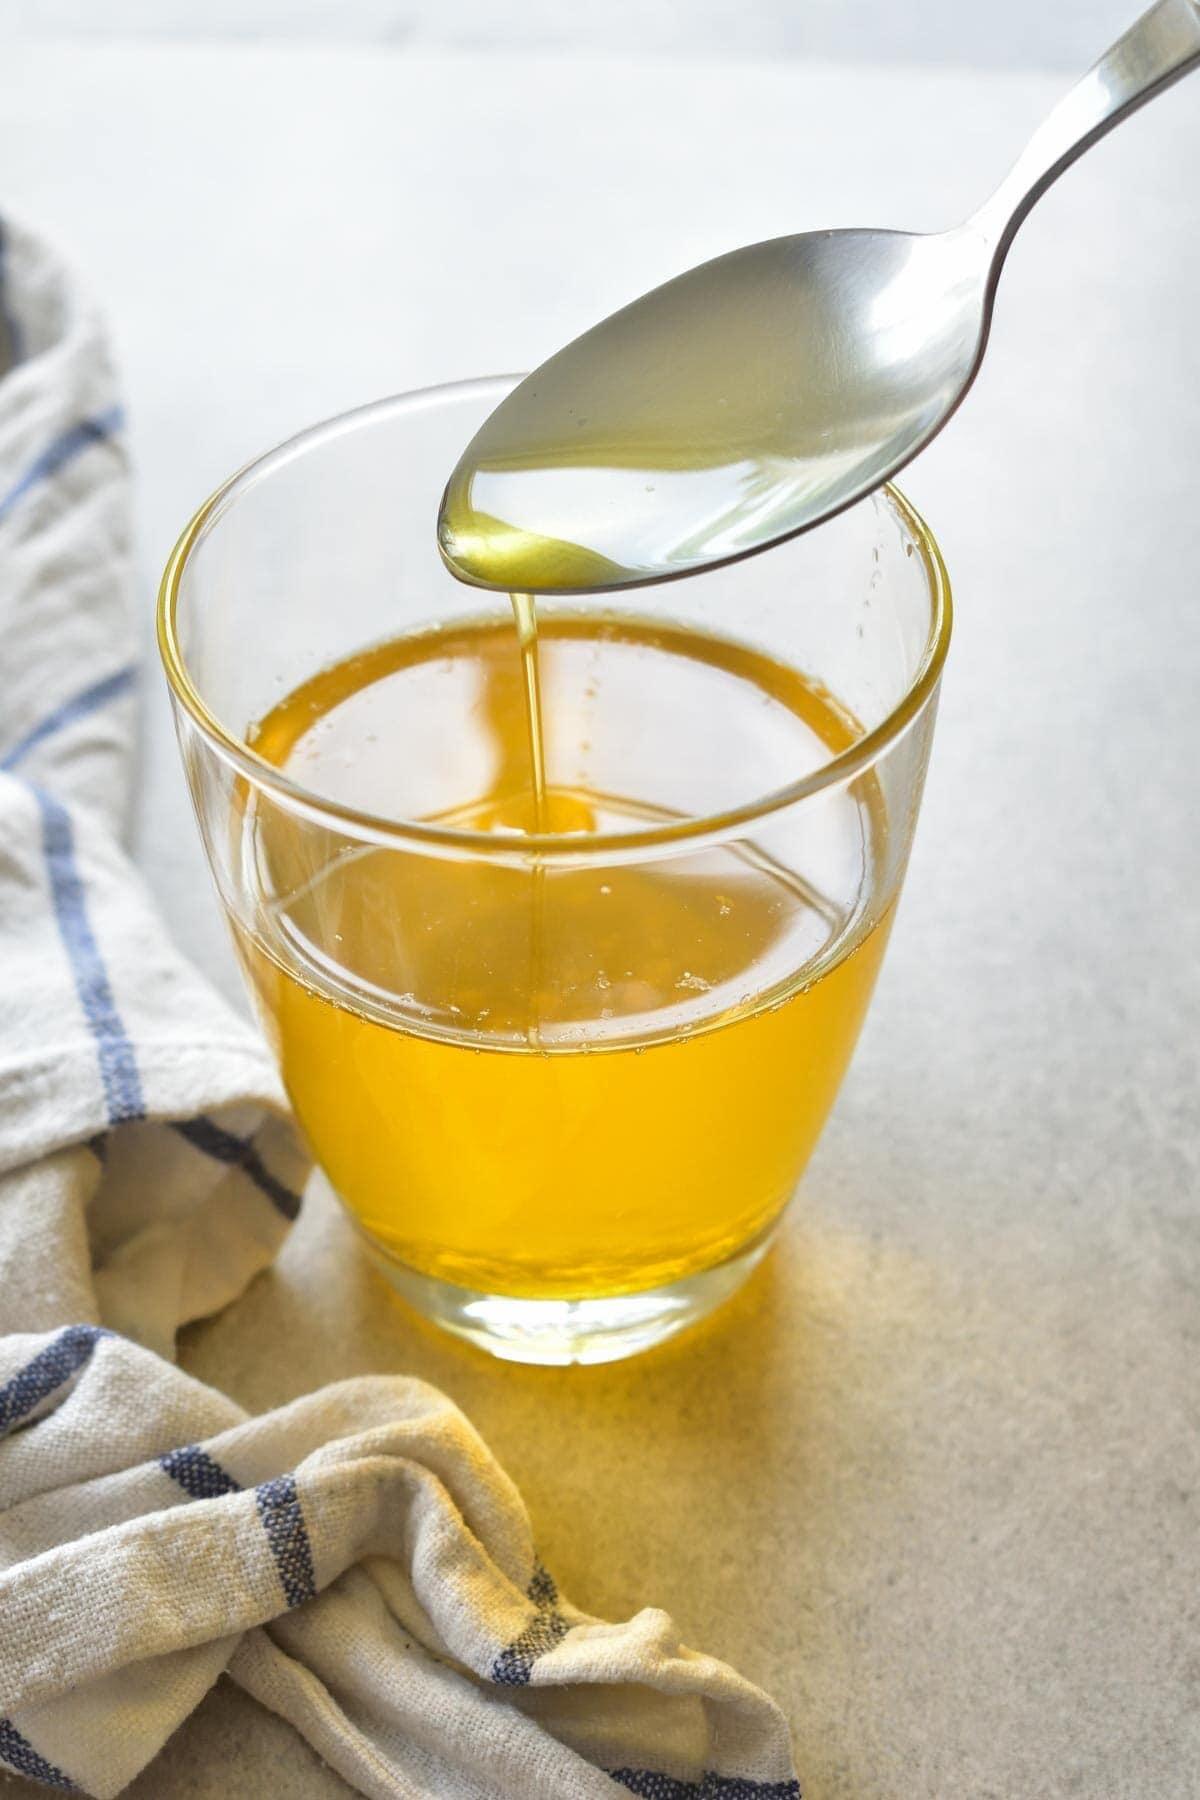 Masło klarowane nalewane łyżeczką do szklanki.